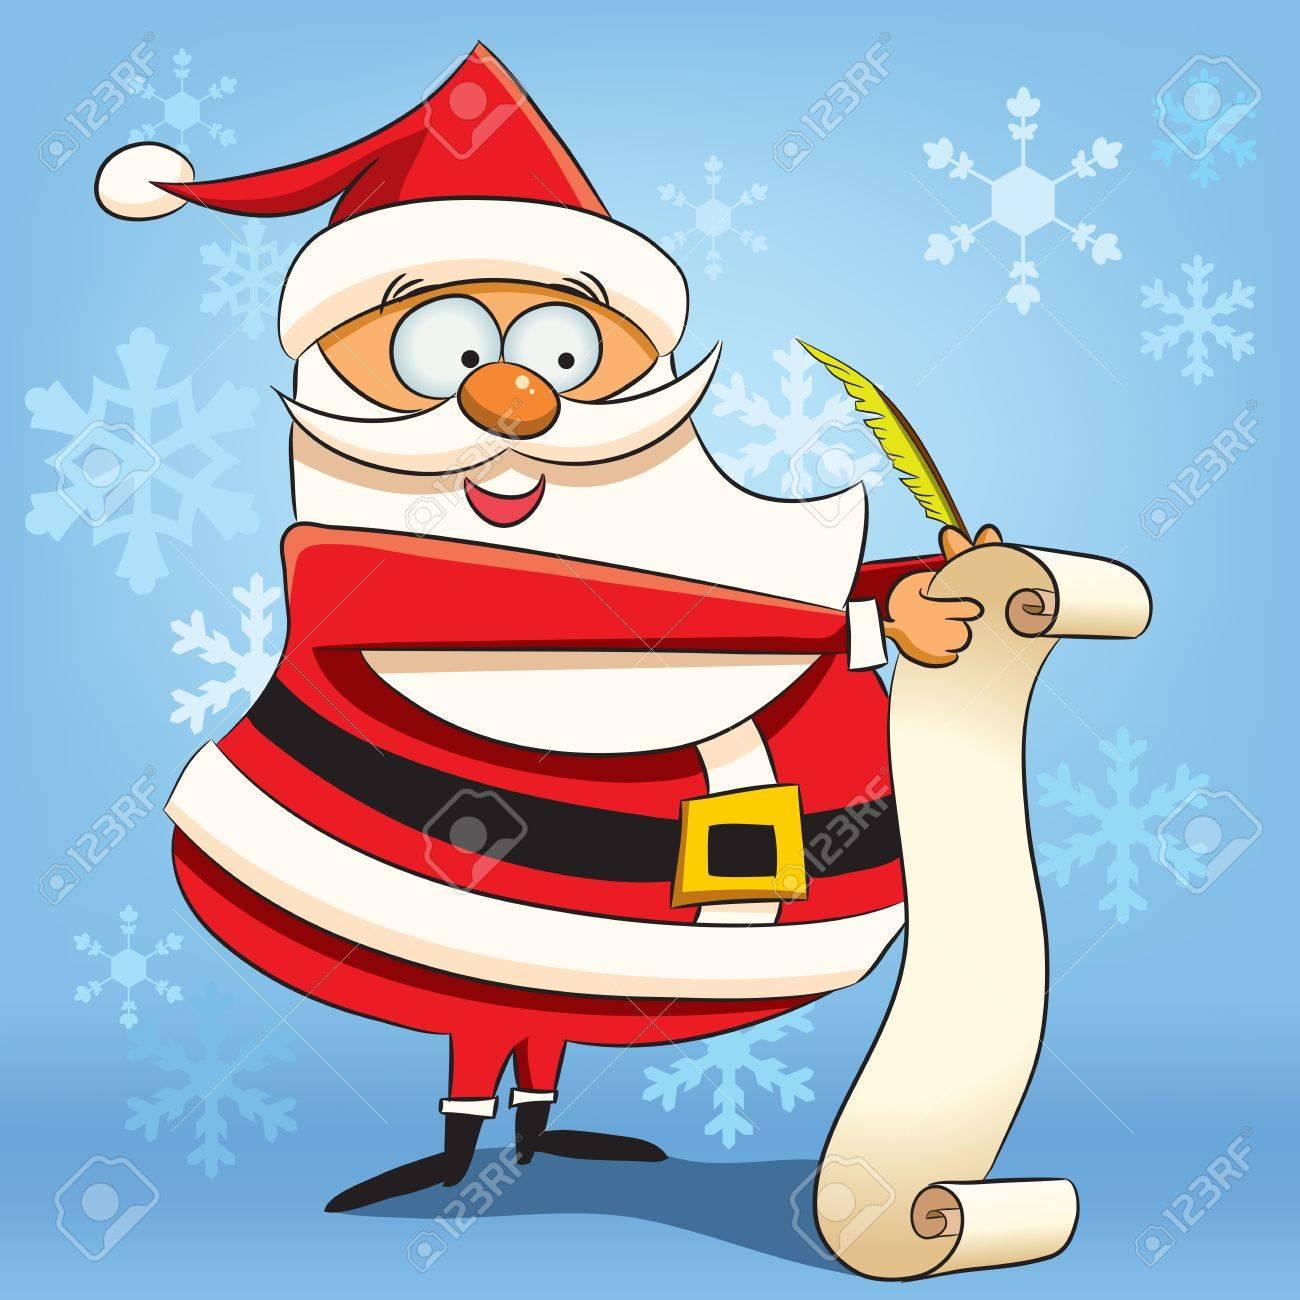 Santa Writing Wish List Royalty Free Cliparts Vectors And – Santa Wish List Online